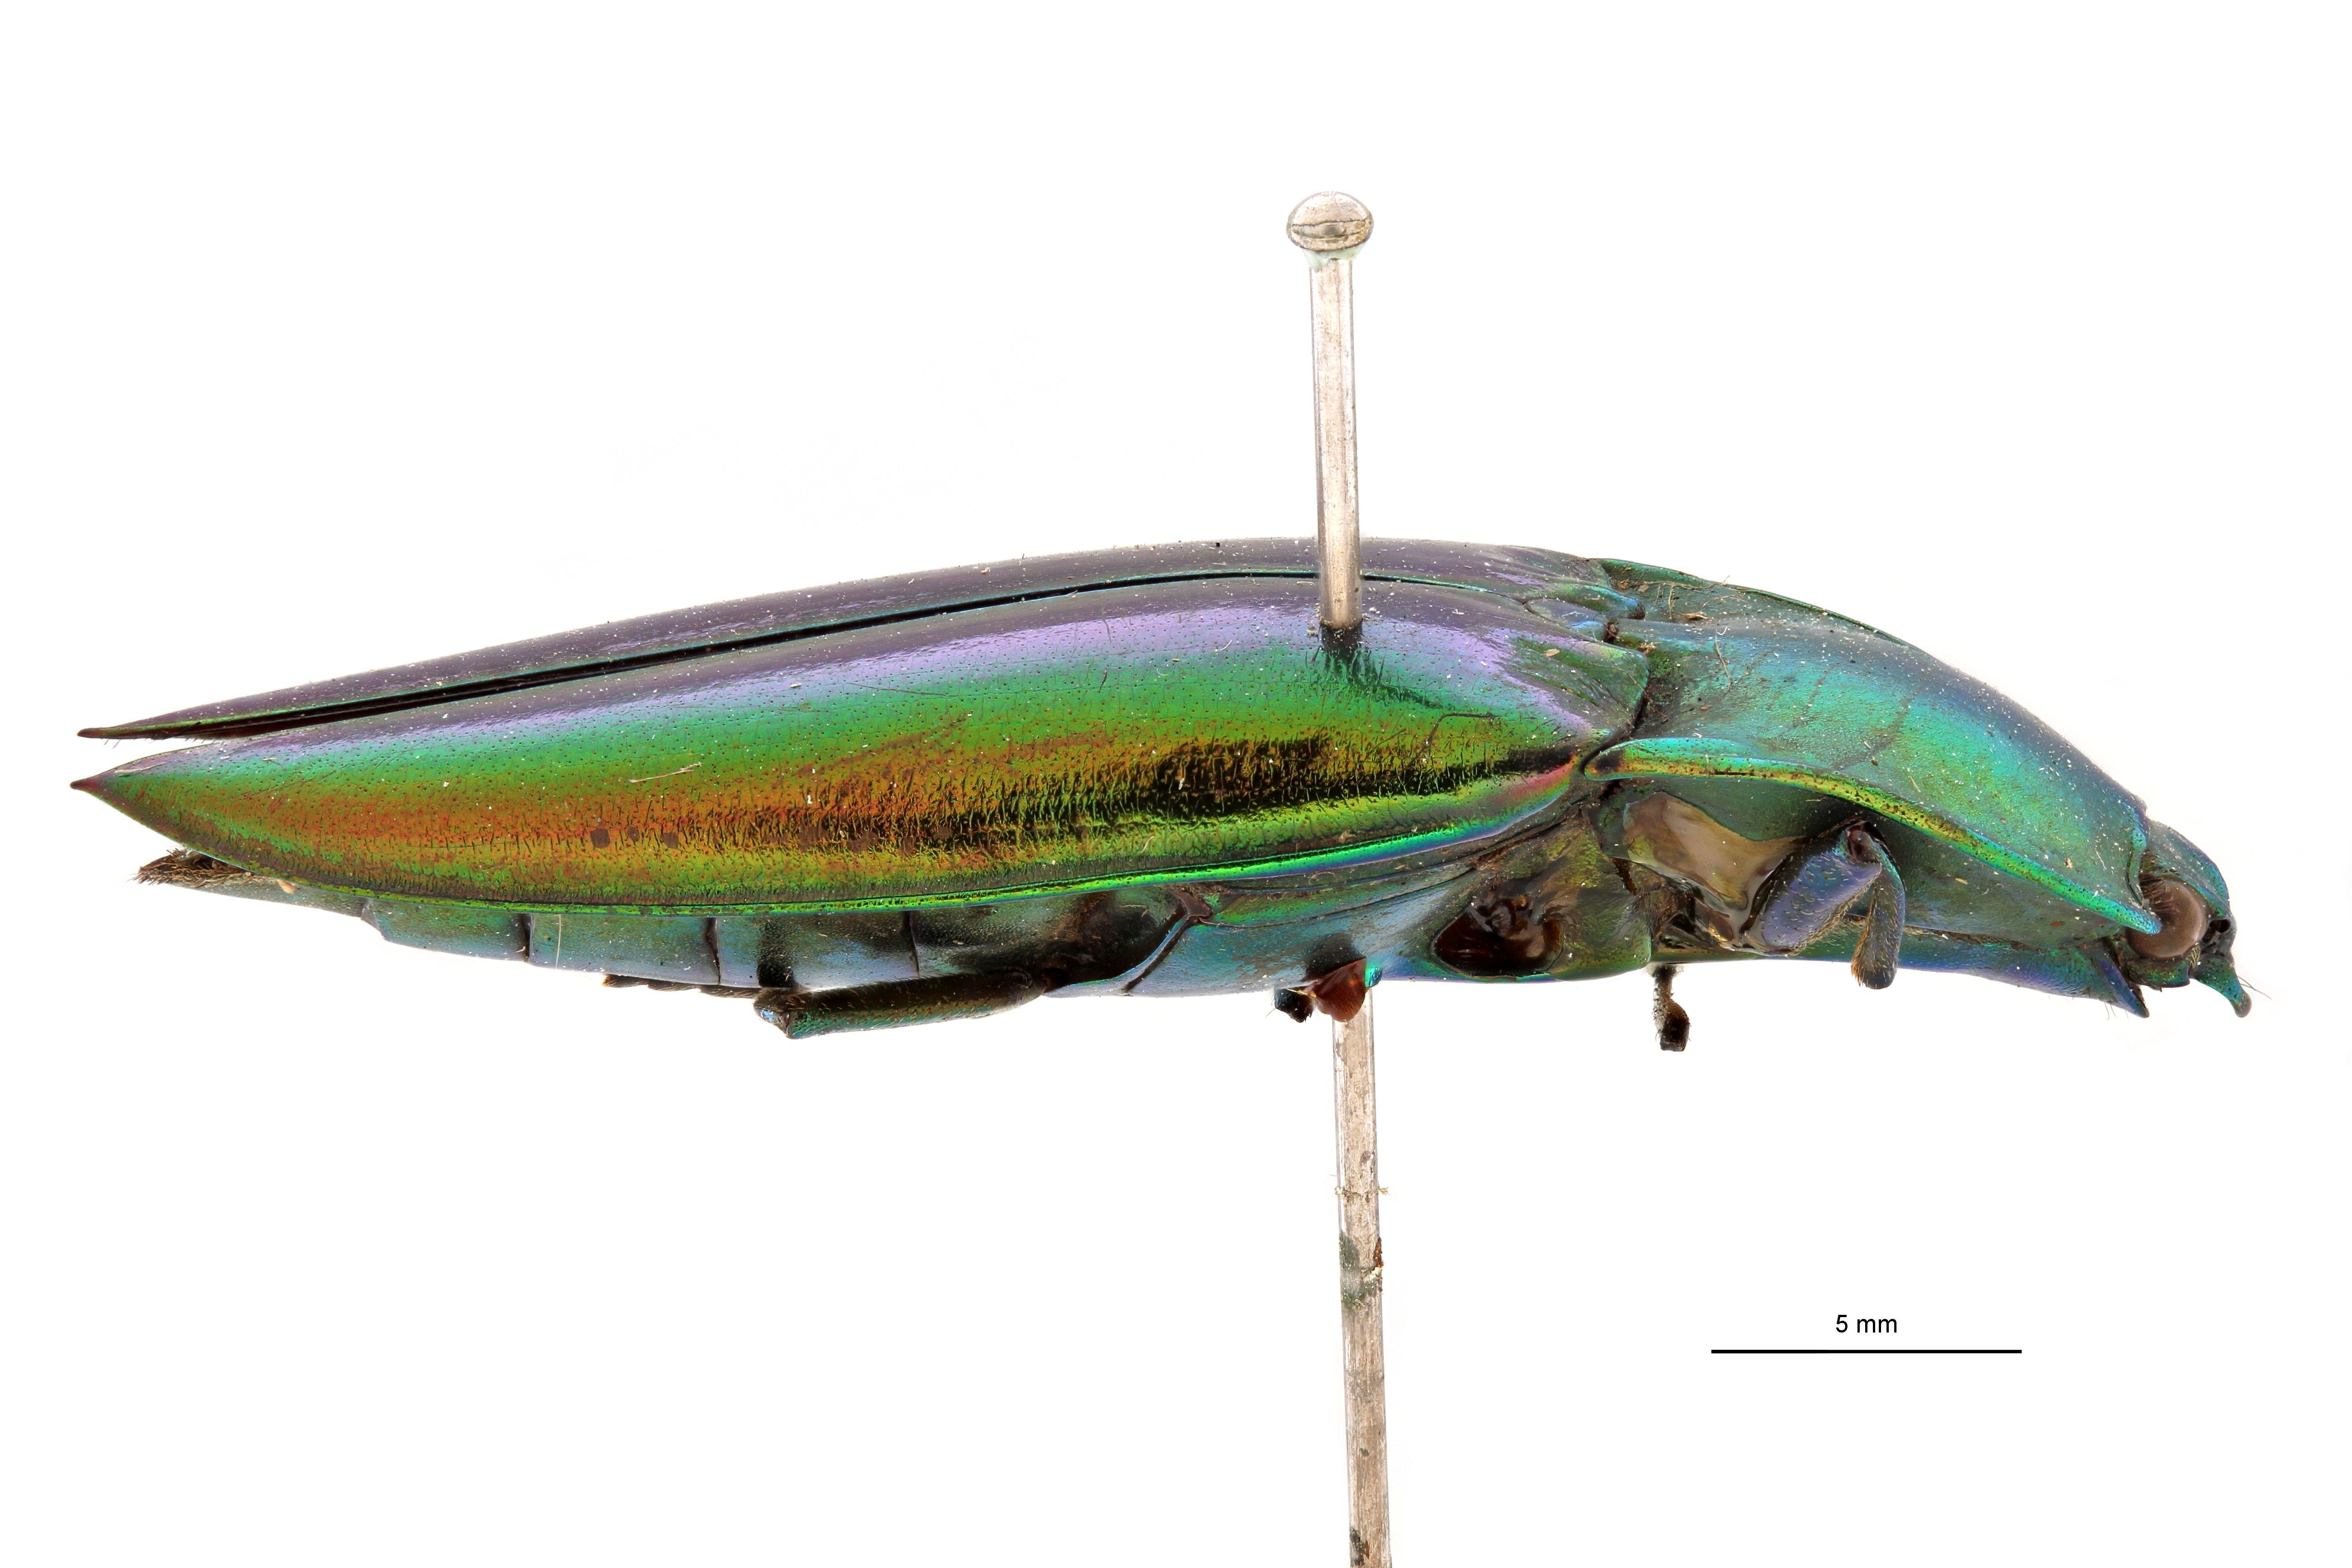 Campsosternus carinatus t L.jpg